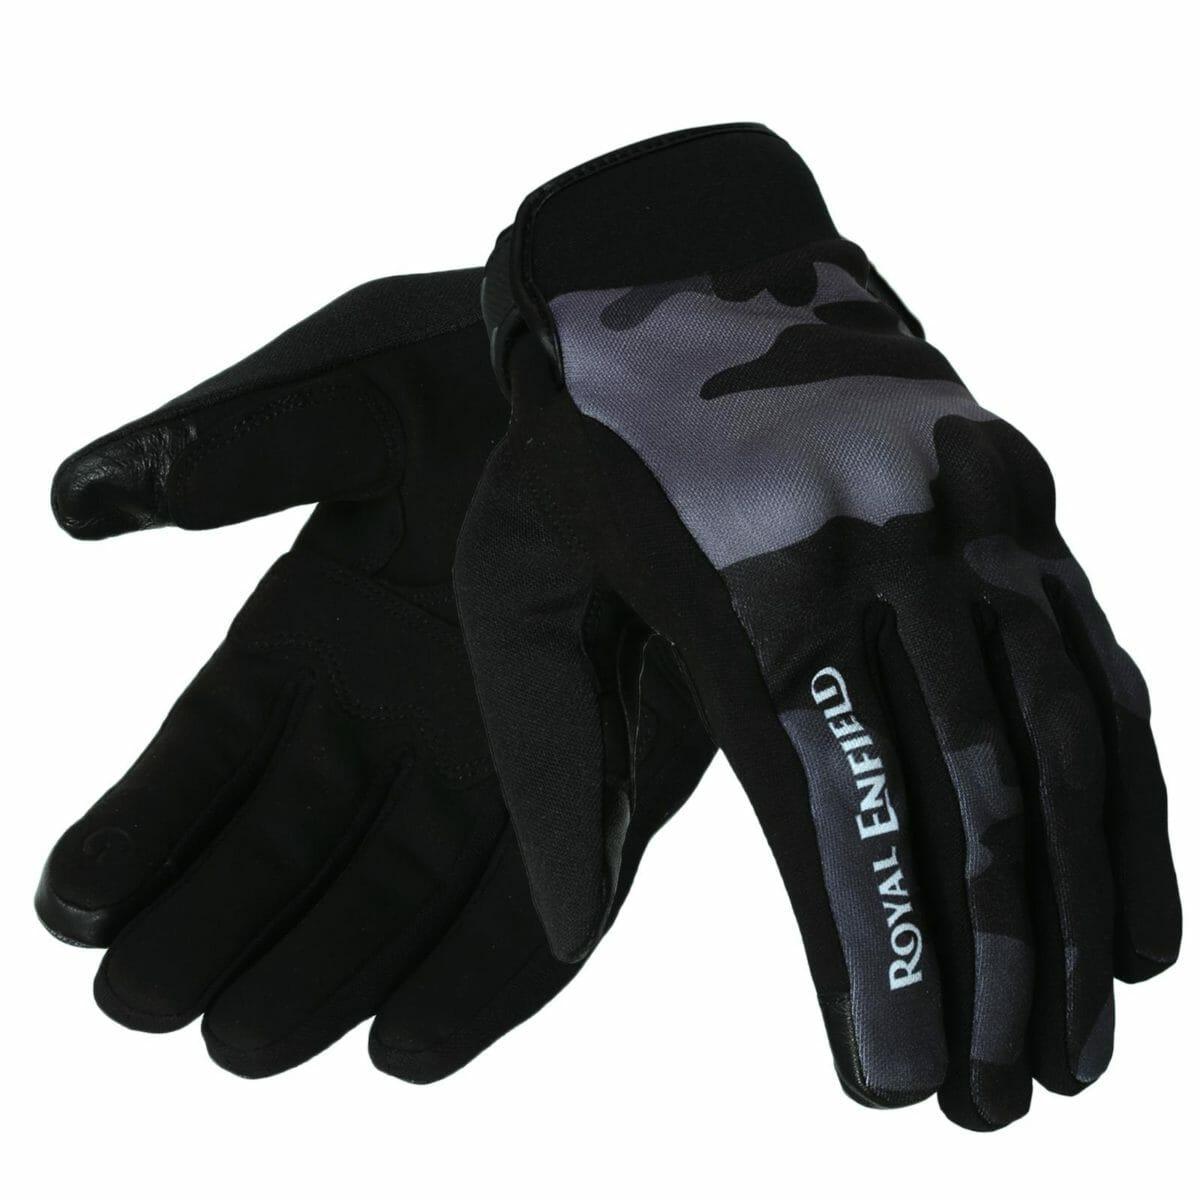 Intrepid Gloves INR 2250 (1)